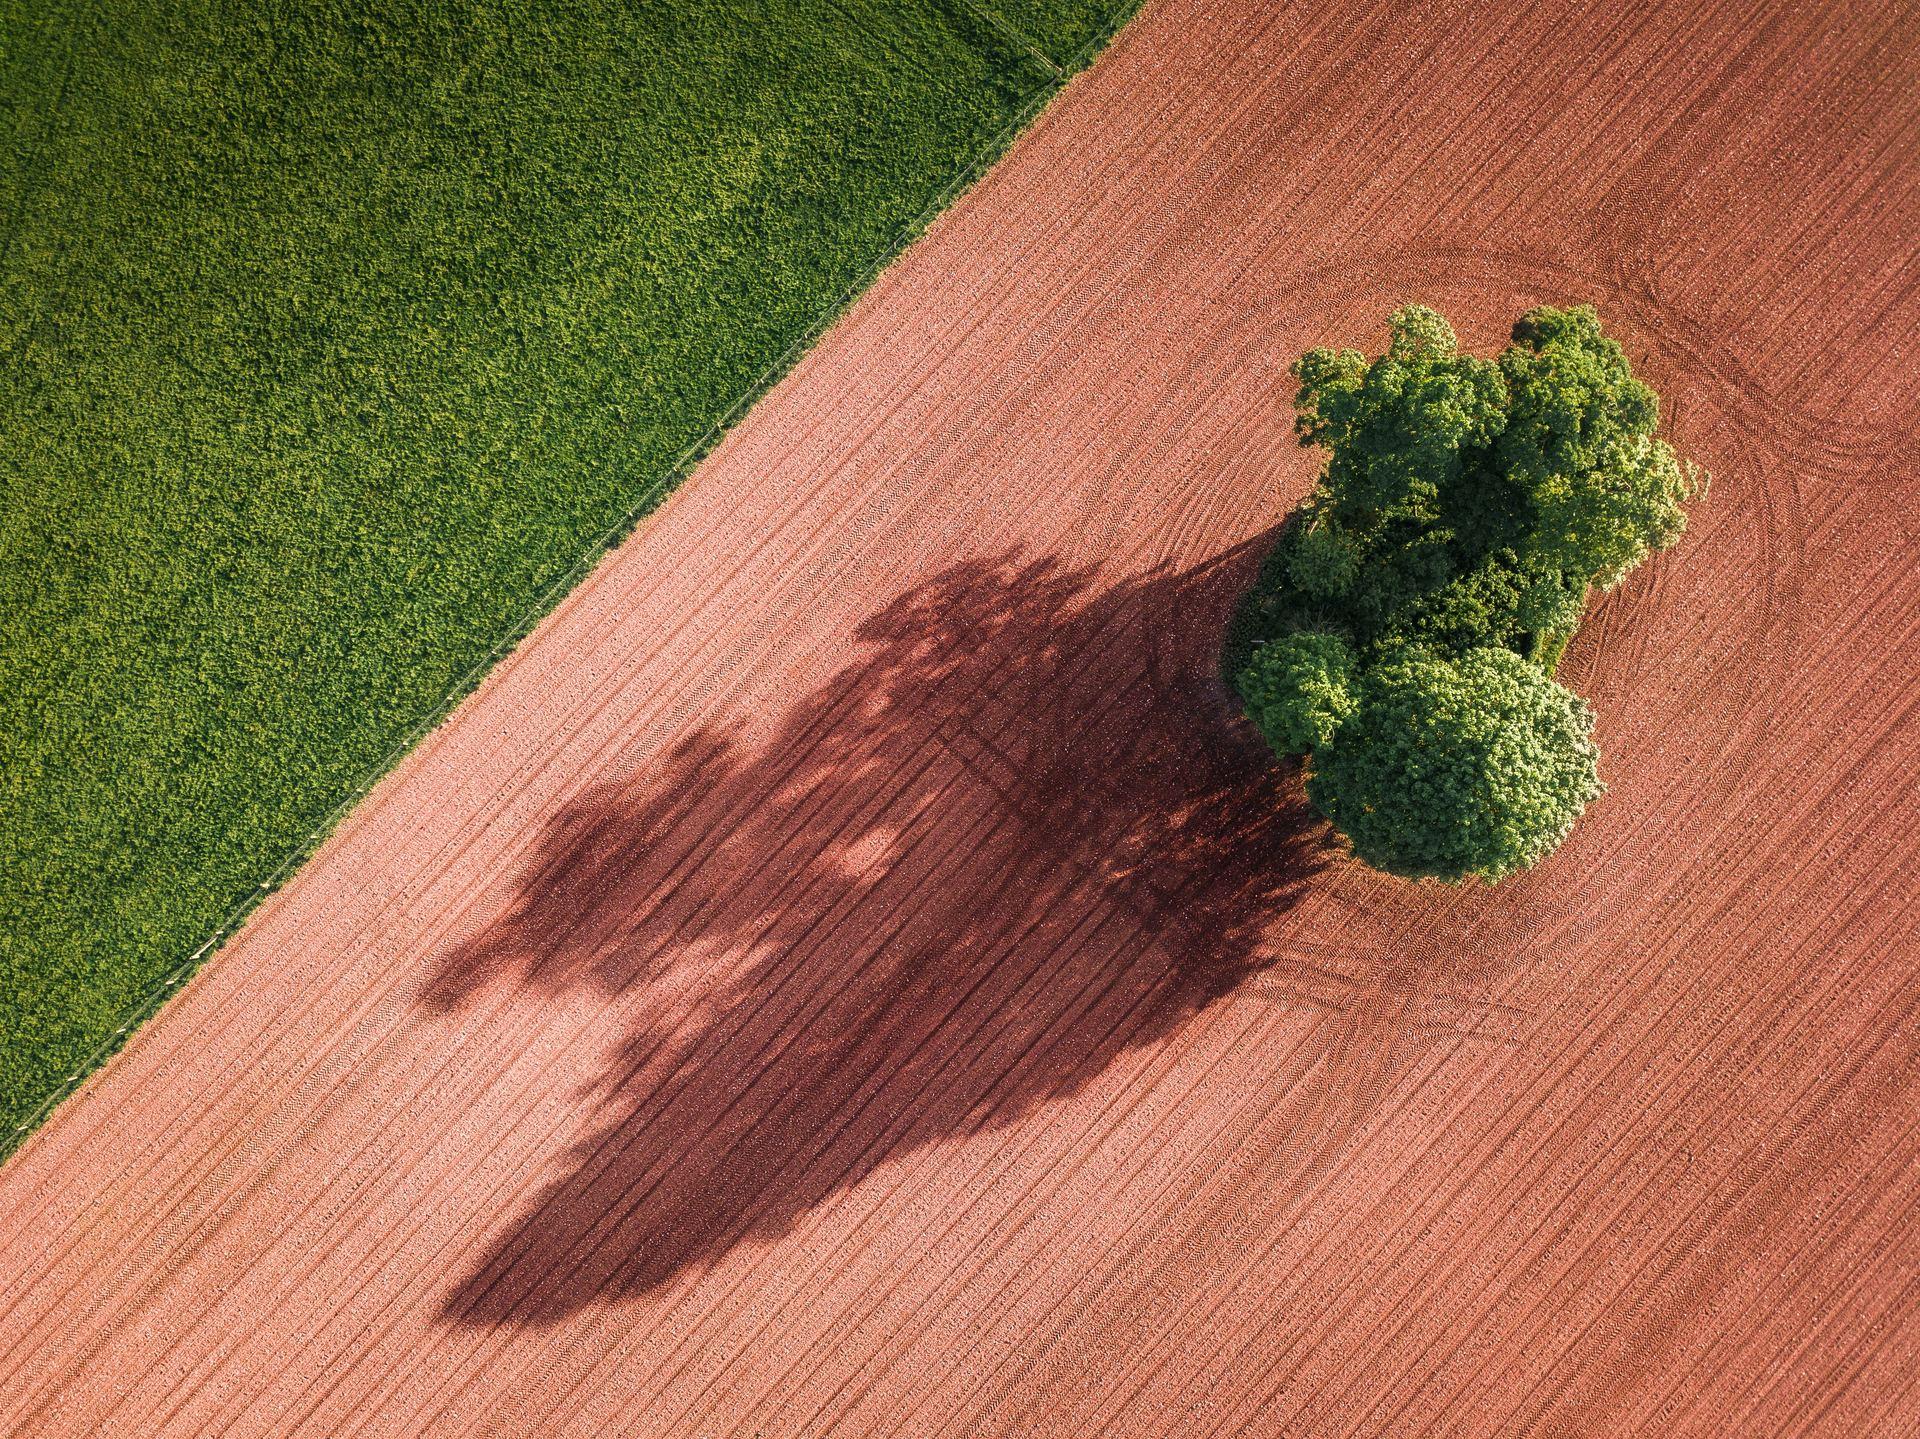 Broccoli med superkræfter